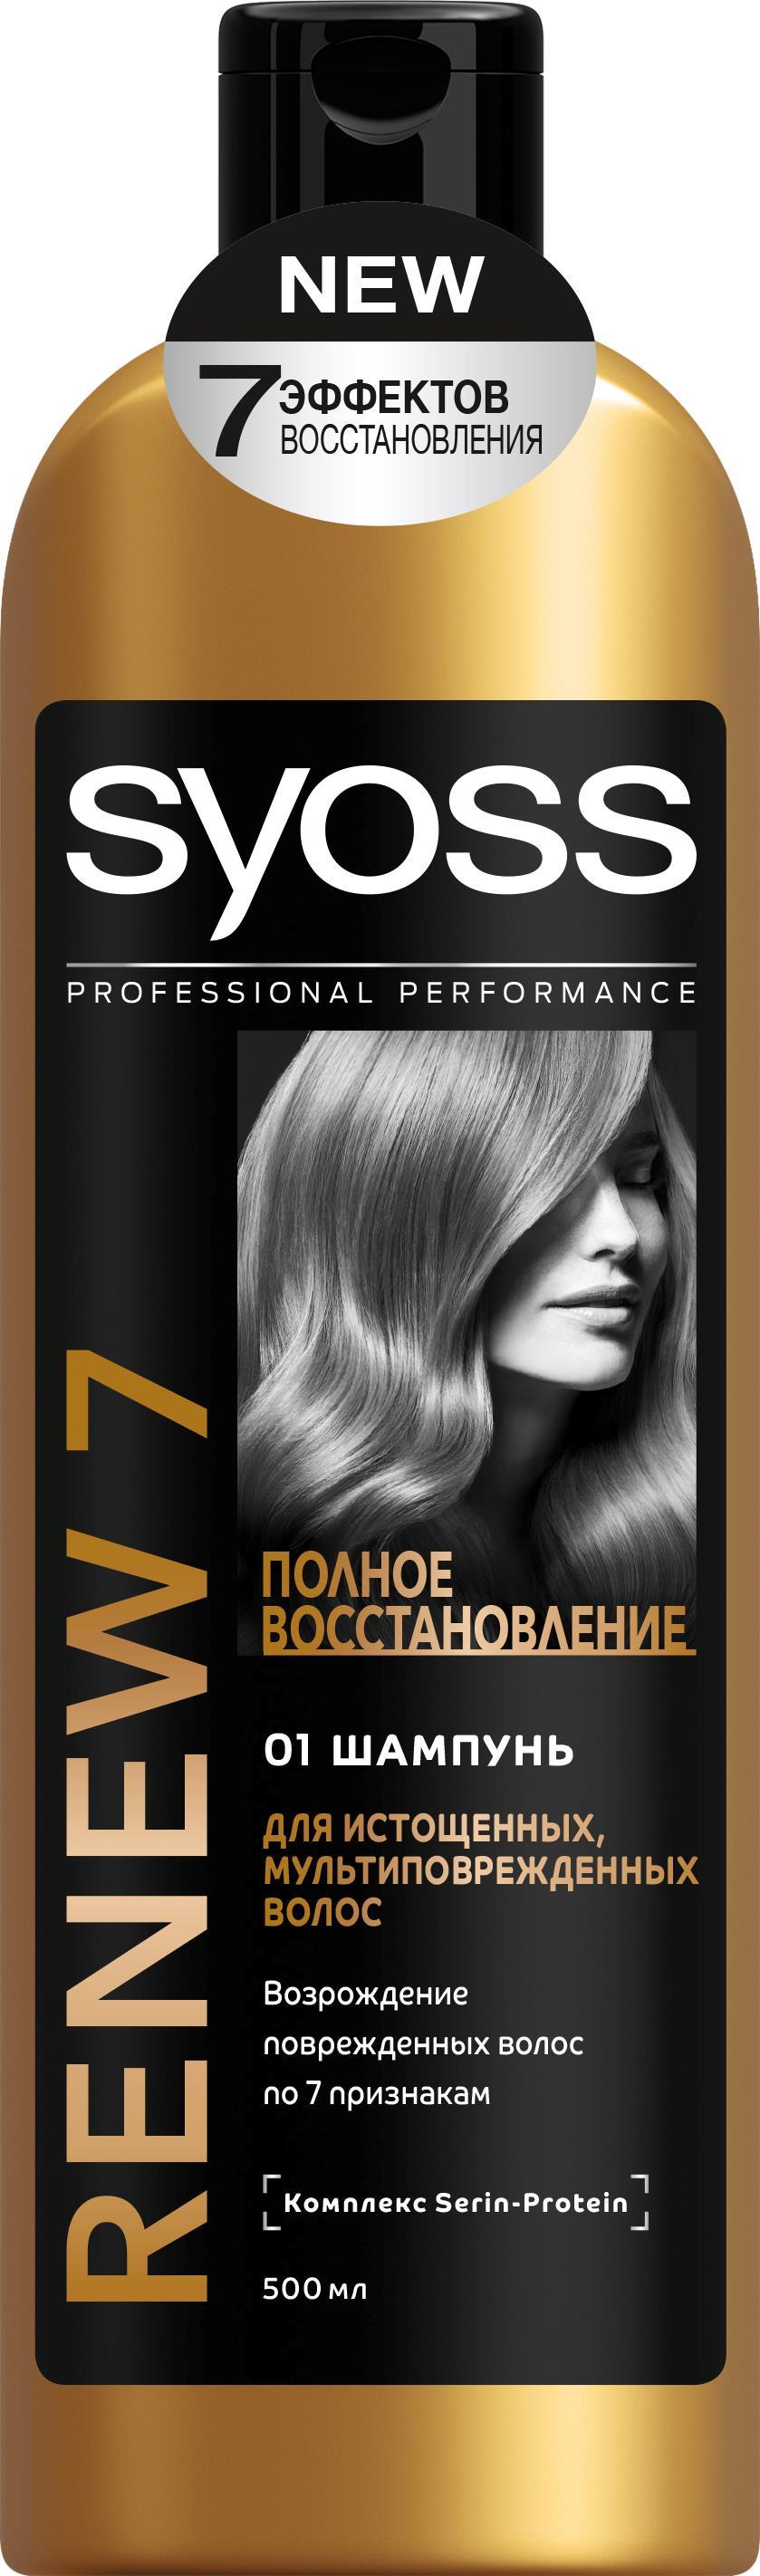 SYOSS Шампунь Renew 7 для мульти-поврежденных истощенных волос, 500 мл косметика для мамы syoss renew 7 кондиционер для мульти поврежденных истощенных волос 500 мл